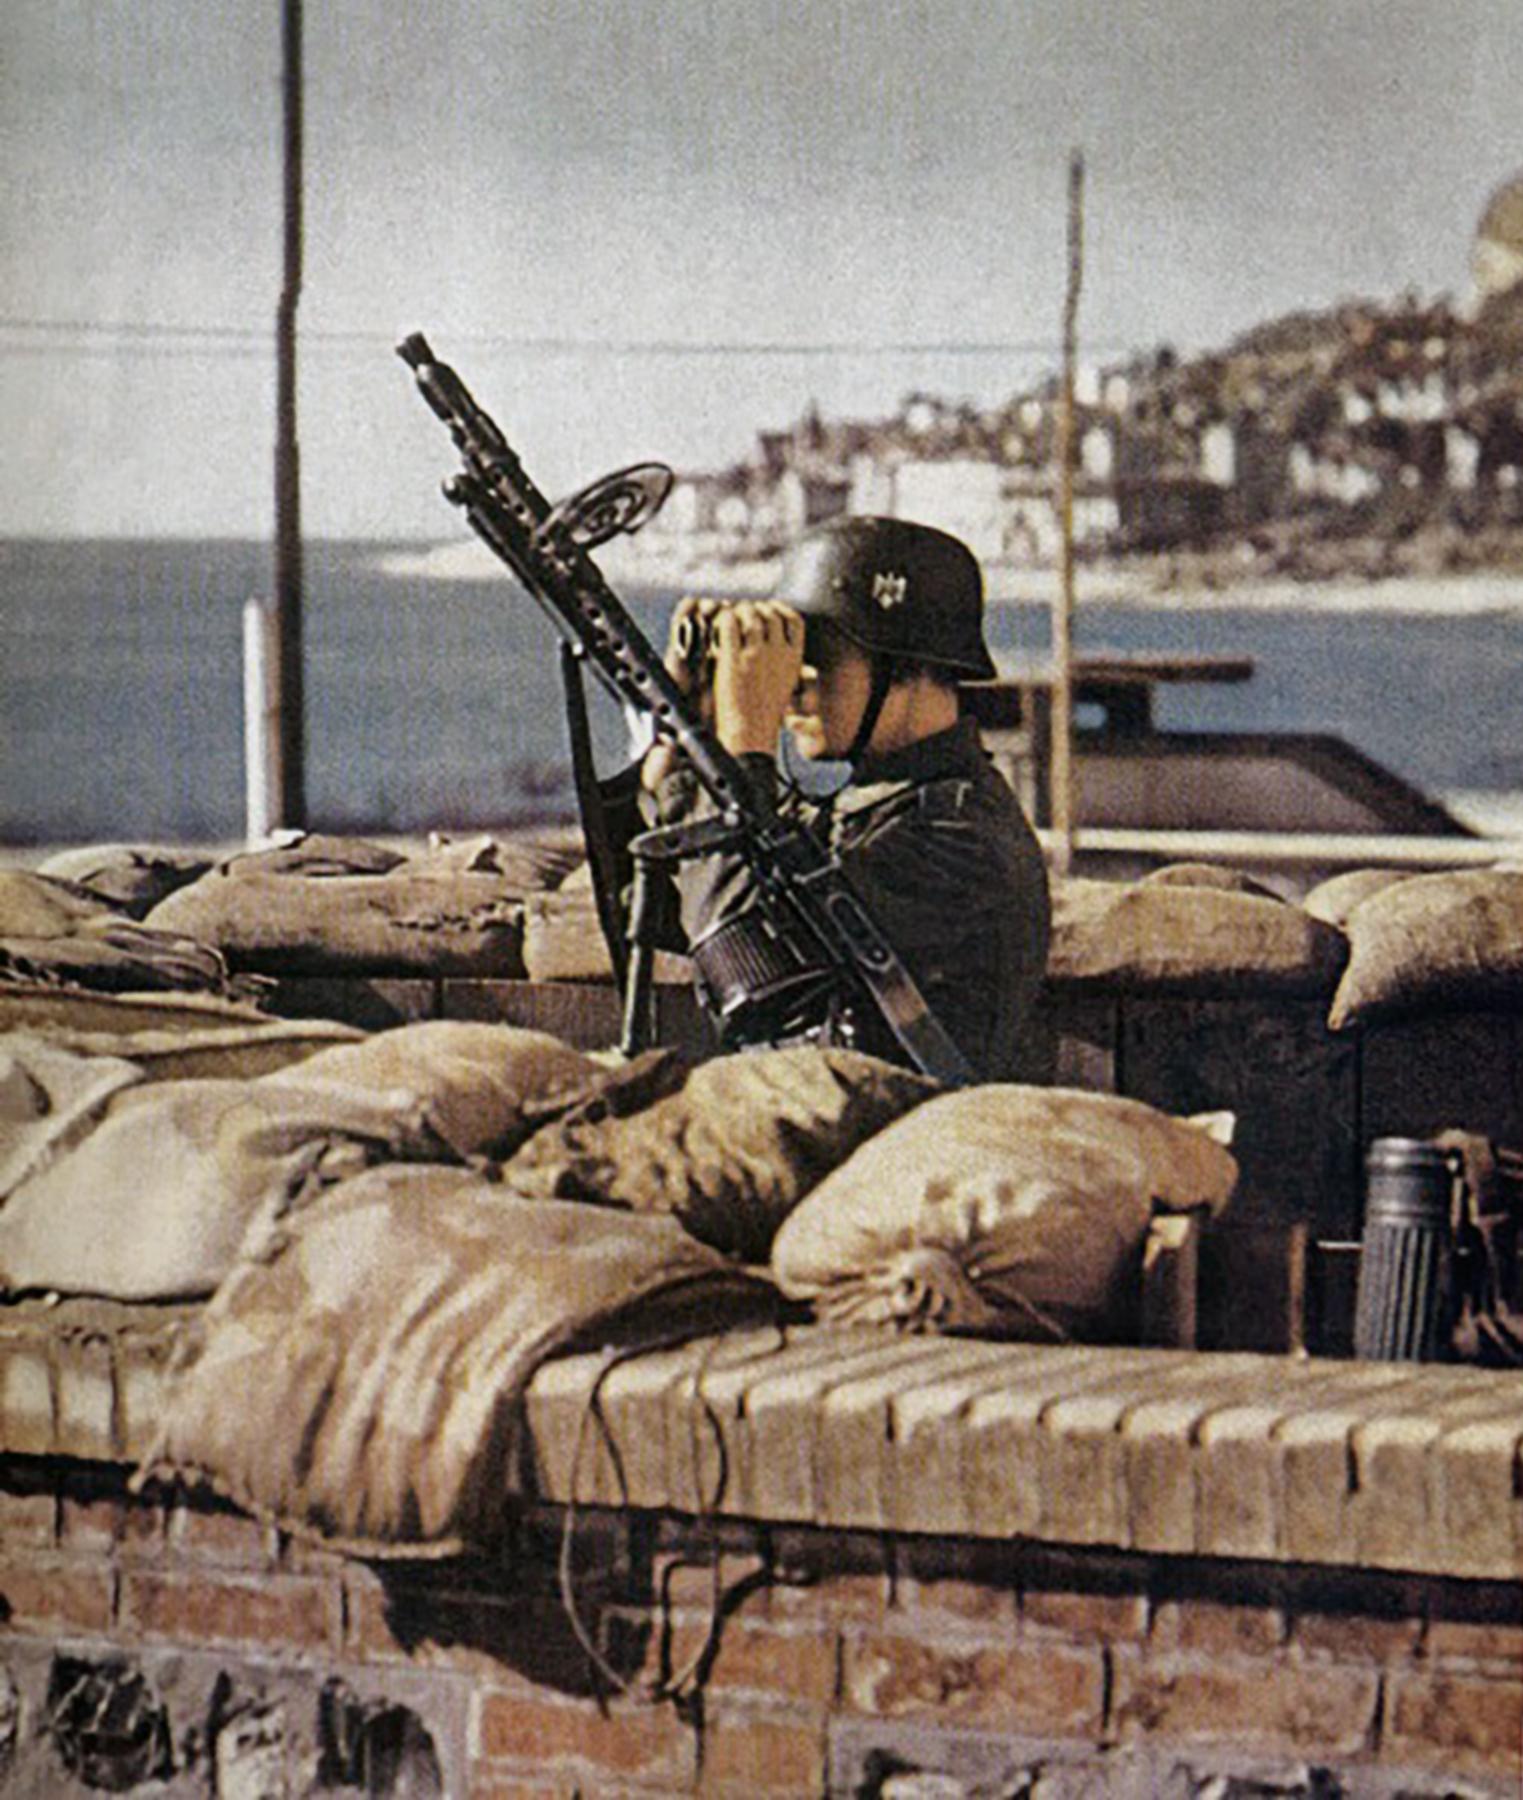 German machine gunner guards a captured French Port 1940 ebay 01